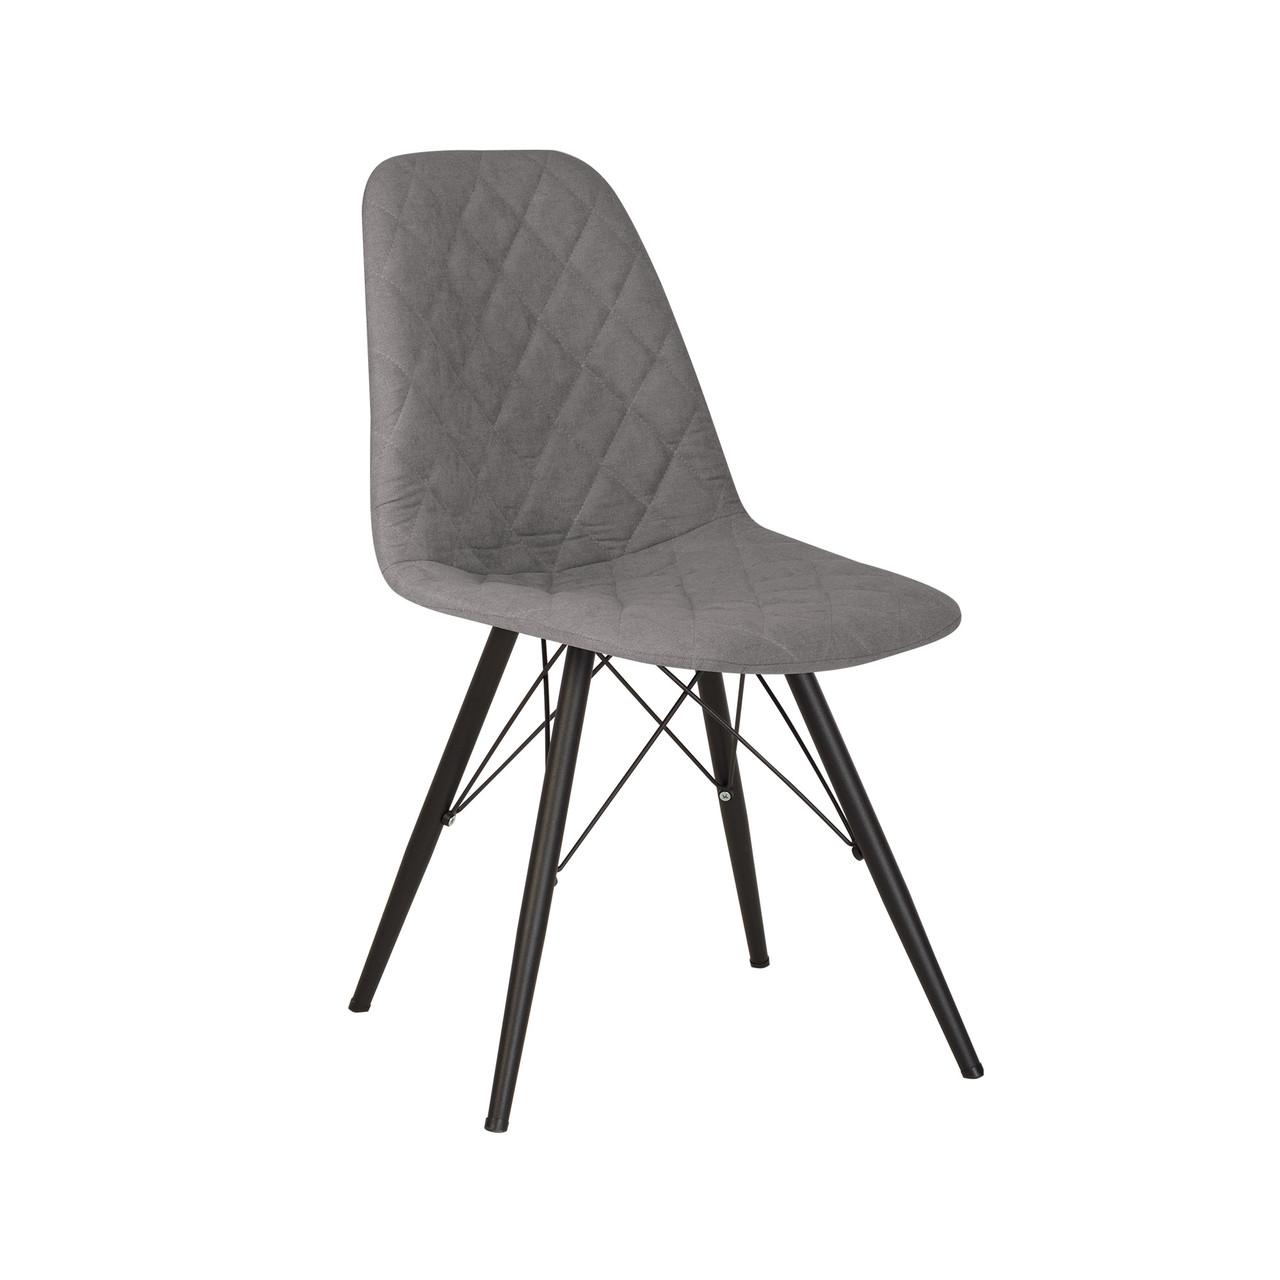 Обеденный стул Liya 4LX Nowy Styl